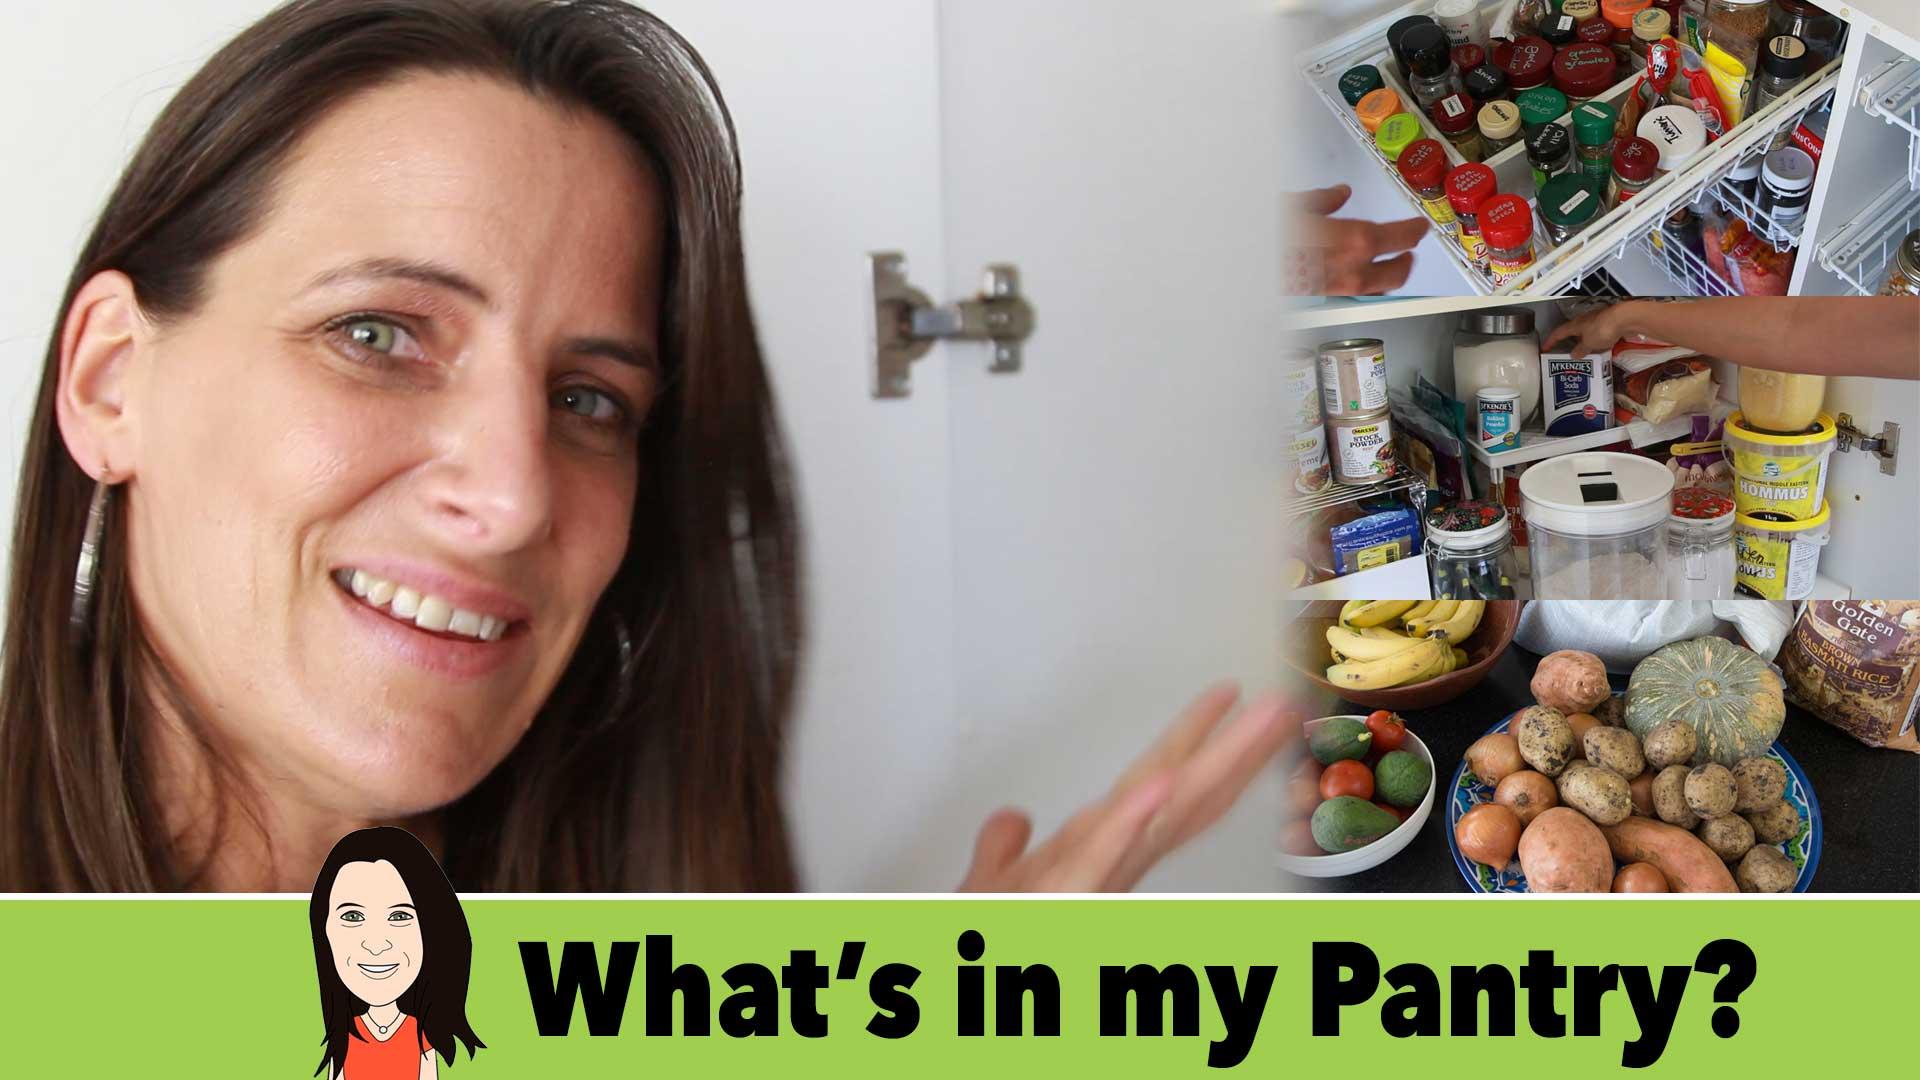 vegan pantry tour